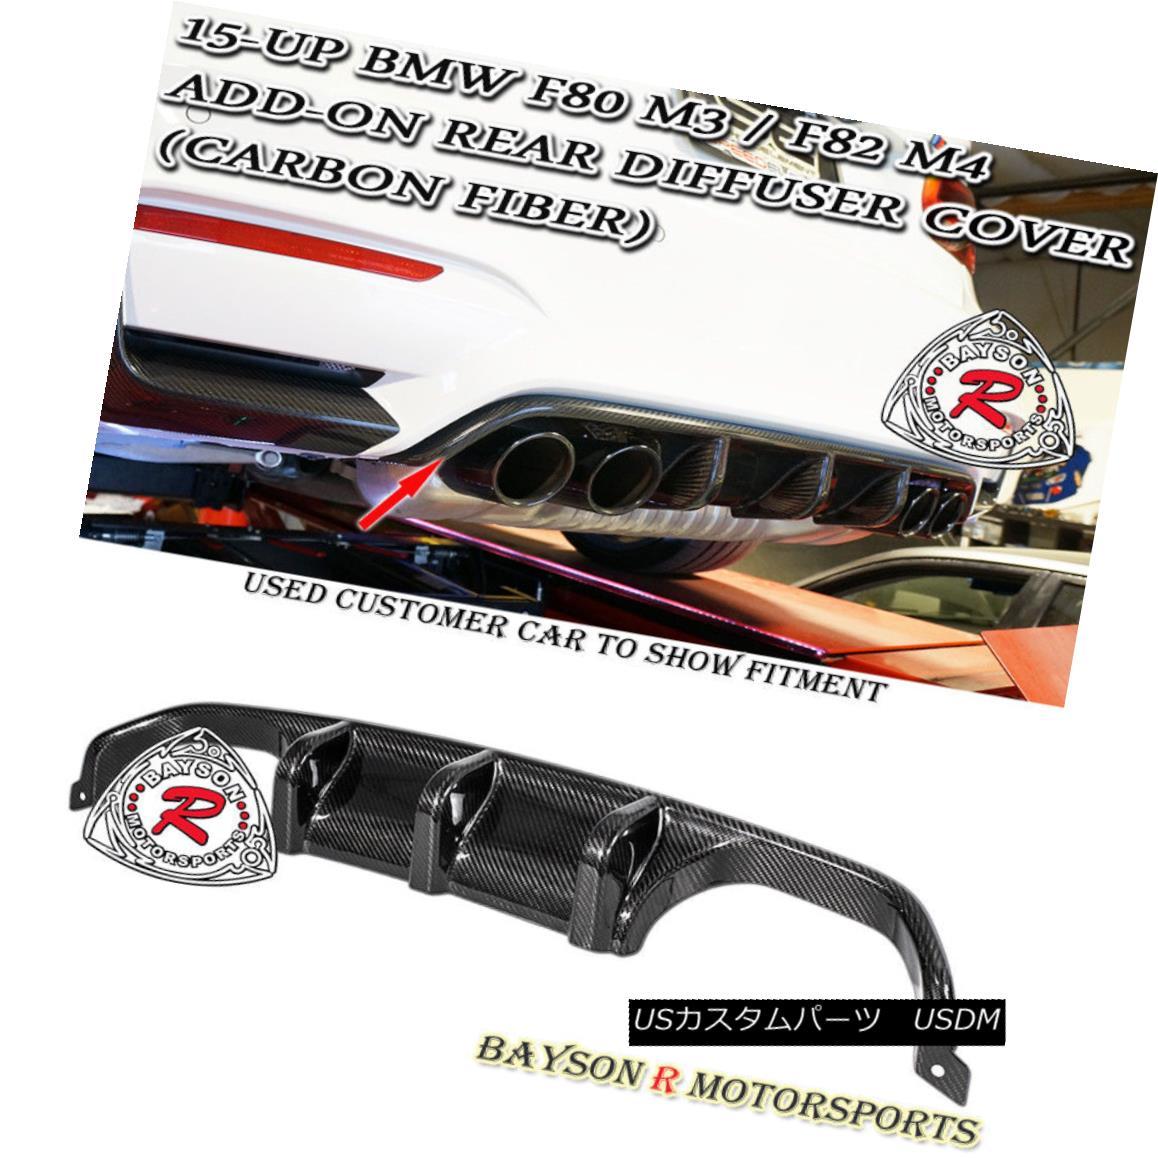 エアロパーツ MP-Style Add-on Rear Diffuser Cover (Carbon) Fit 15-18 BMW F80 (M3) F82 F83 (M4) MP-Styleアドオンリアディフューザーカバー(カーボン)フィット15-18 BMW F80(M3)F82 F83(M4)